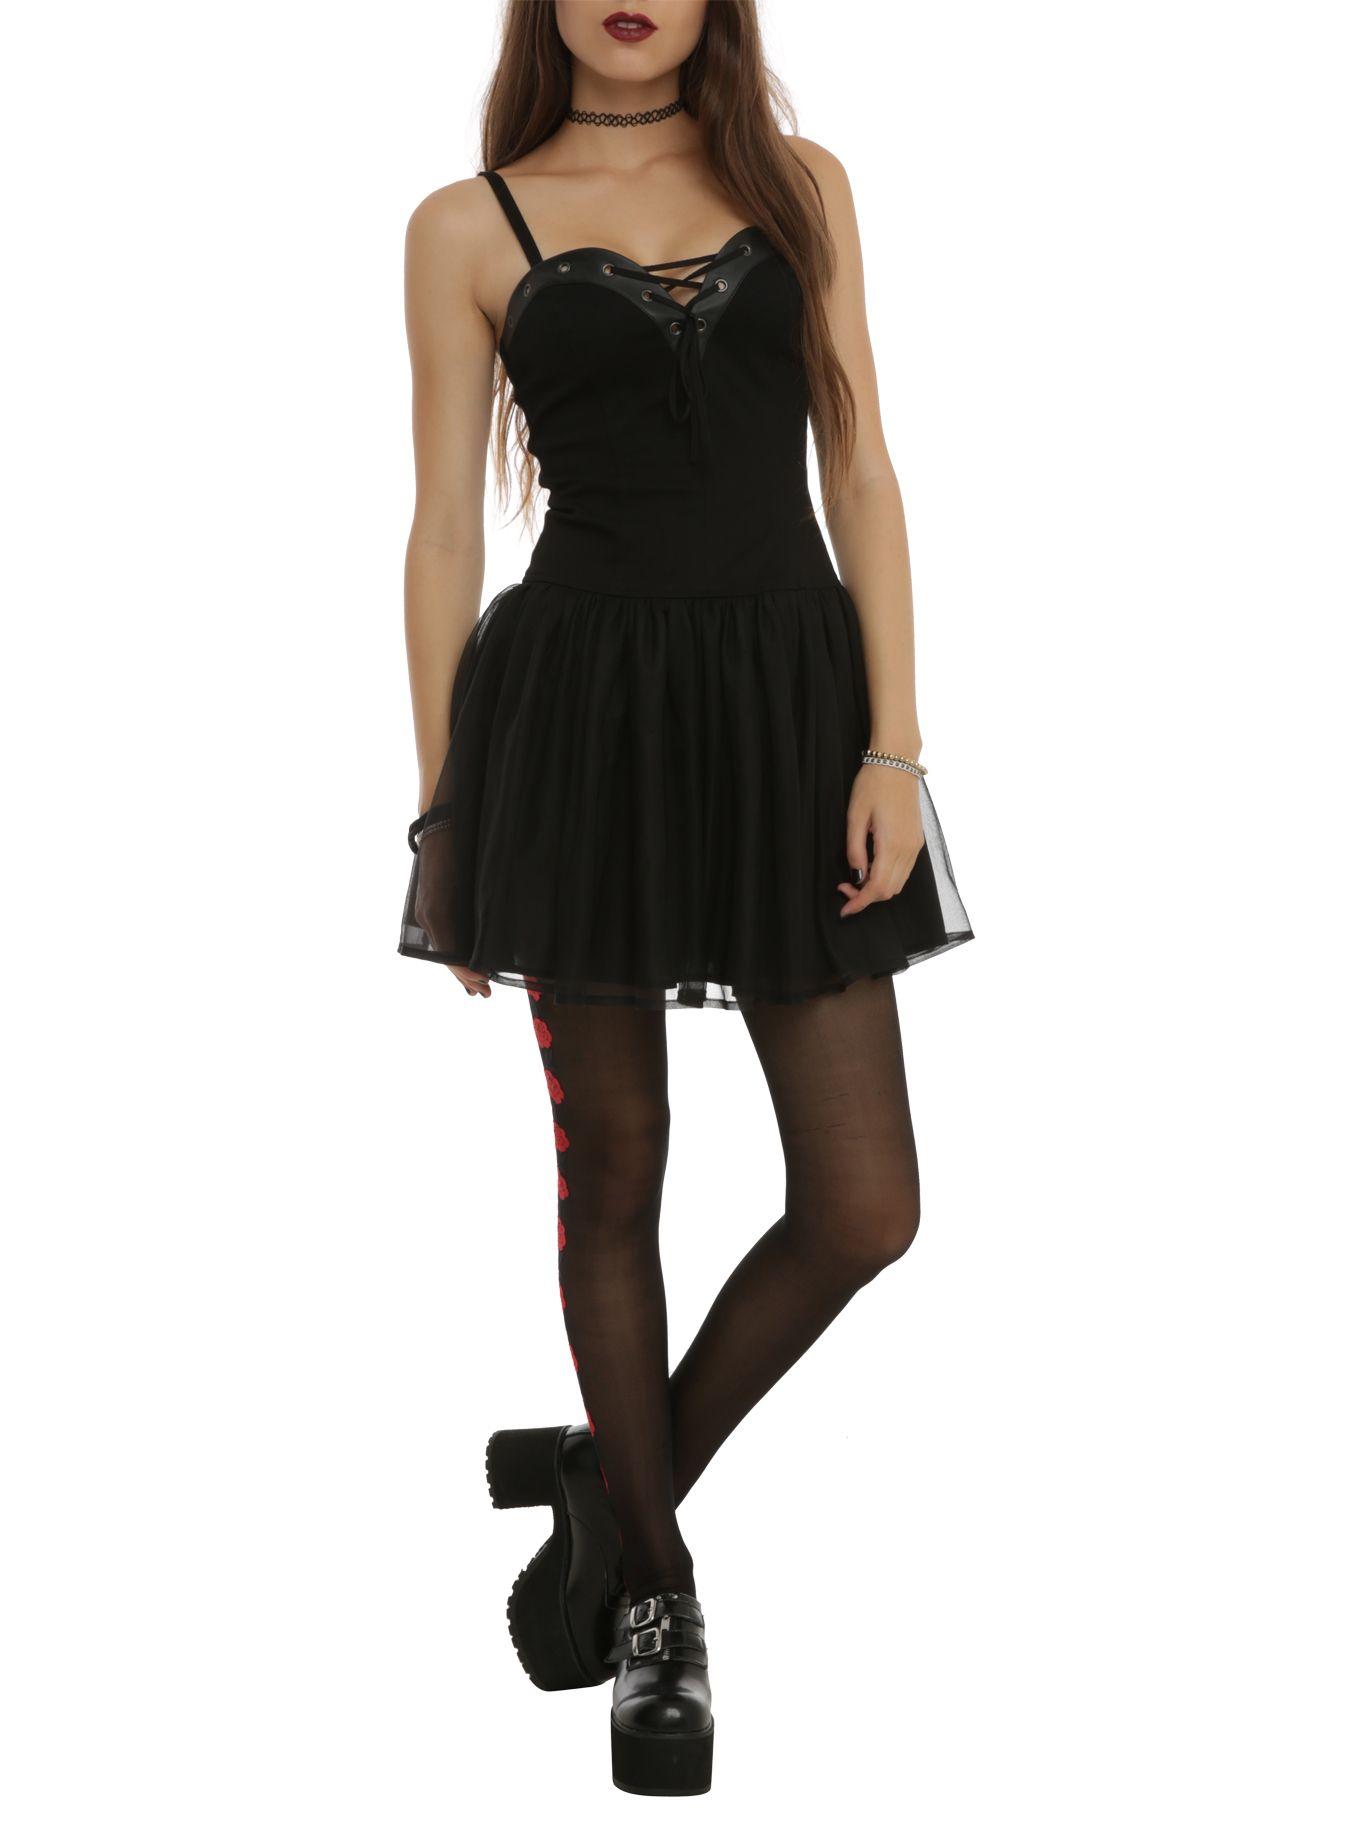 Royal Bones Black Corset Dress Dressed To Kill Dresses Black